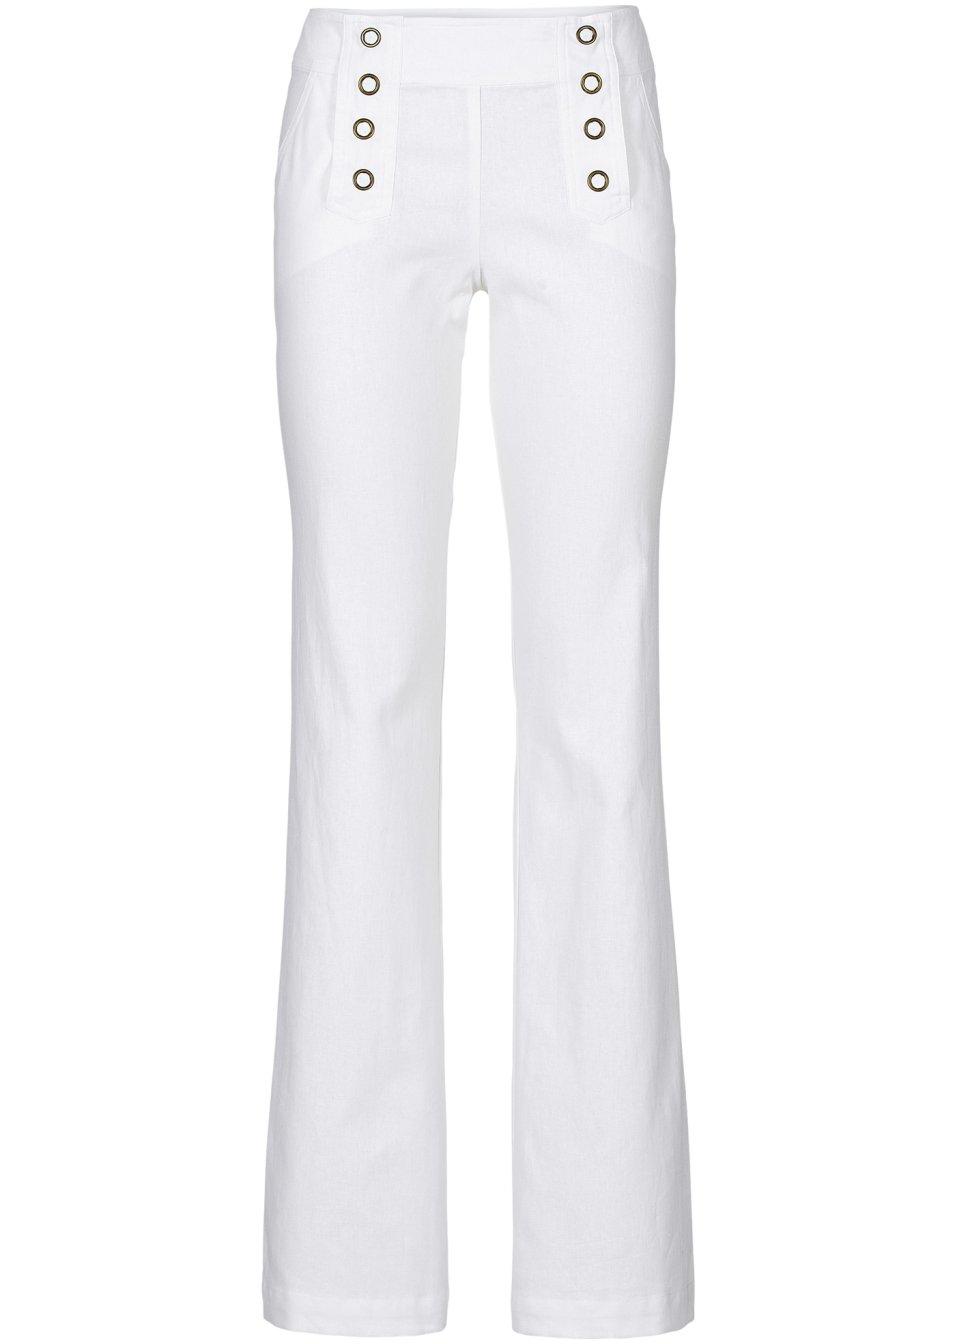 Pantalon mélangé lin blanc cassé - Femme - BODYFLIRT boutique - bonprix -wa.be